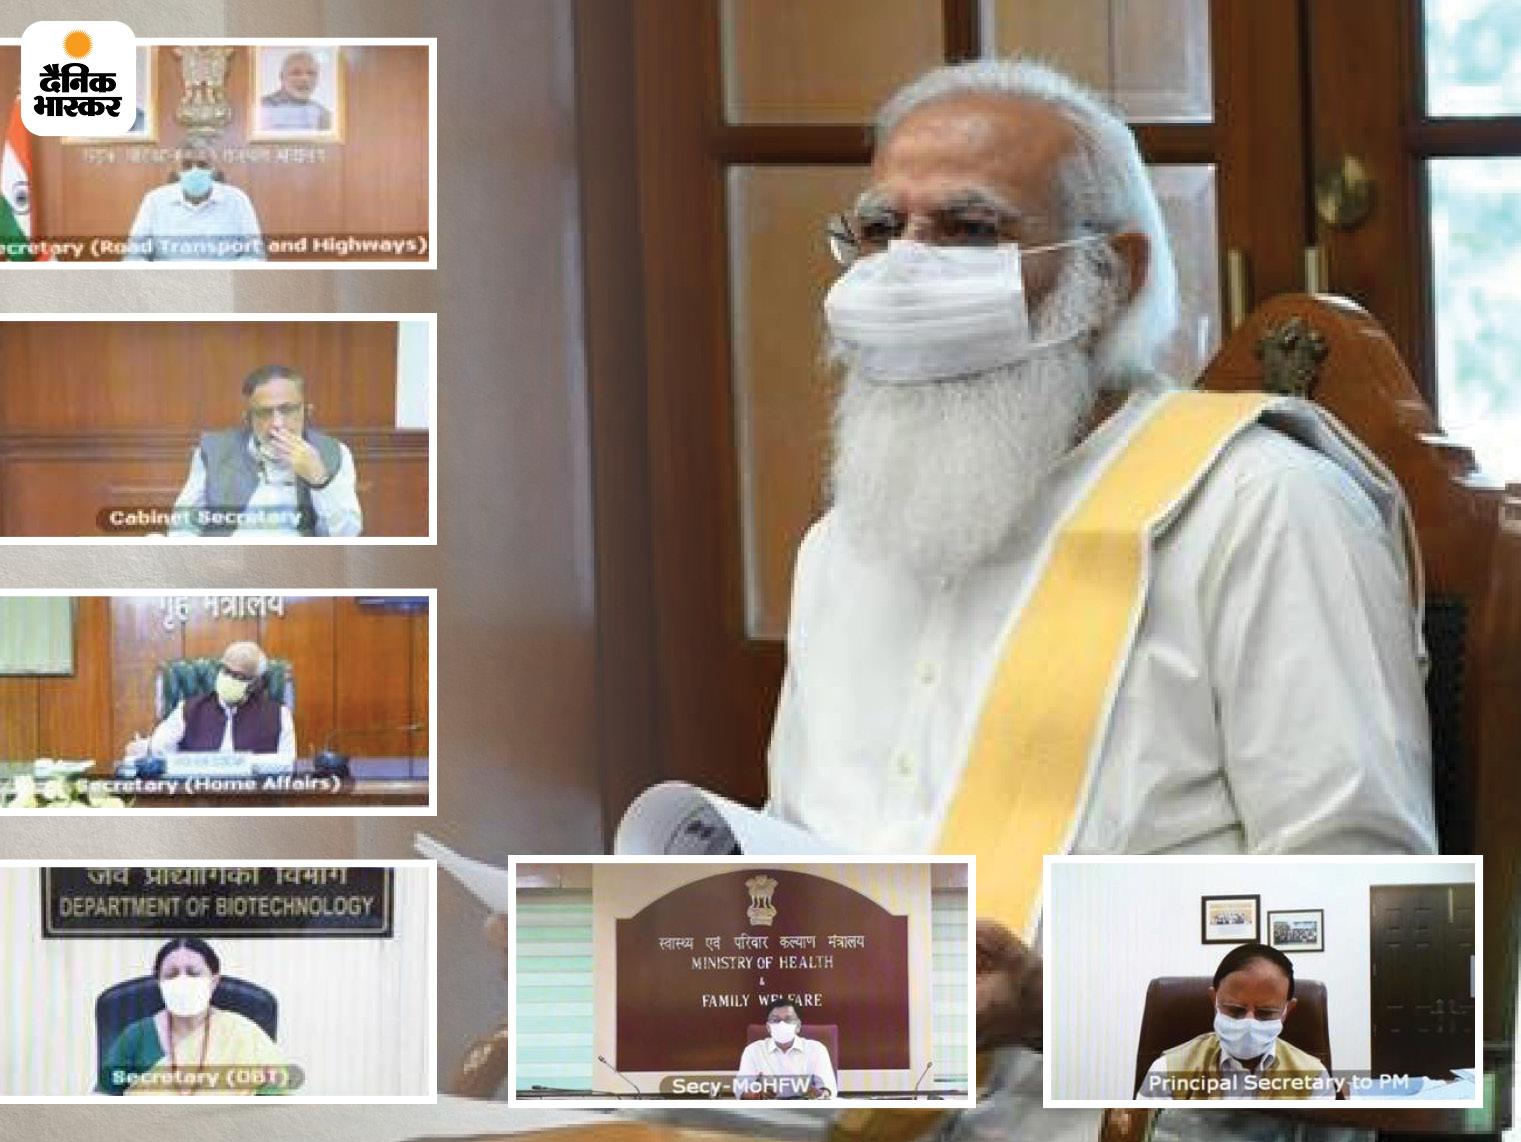 PM बोले- गांवों में डोर-टू-डोर टेस्टिंग और ऑक्सीजन सप्लाई का इंतजाम किया जाए; वेंटिलेटर्स का इस्तेमाल नहीं होने पर नाराजगी जताई देश,National - Dainik Bhaskar